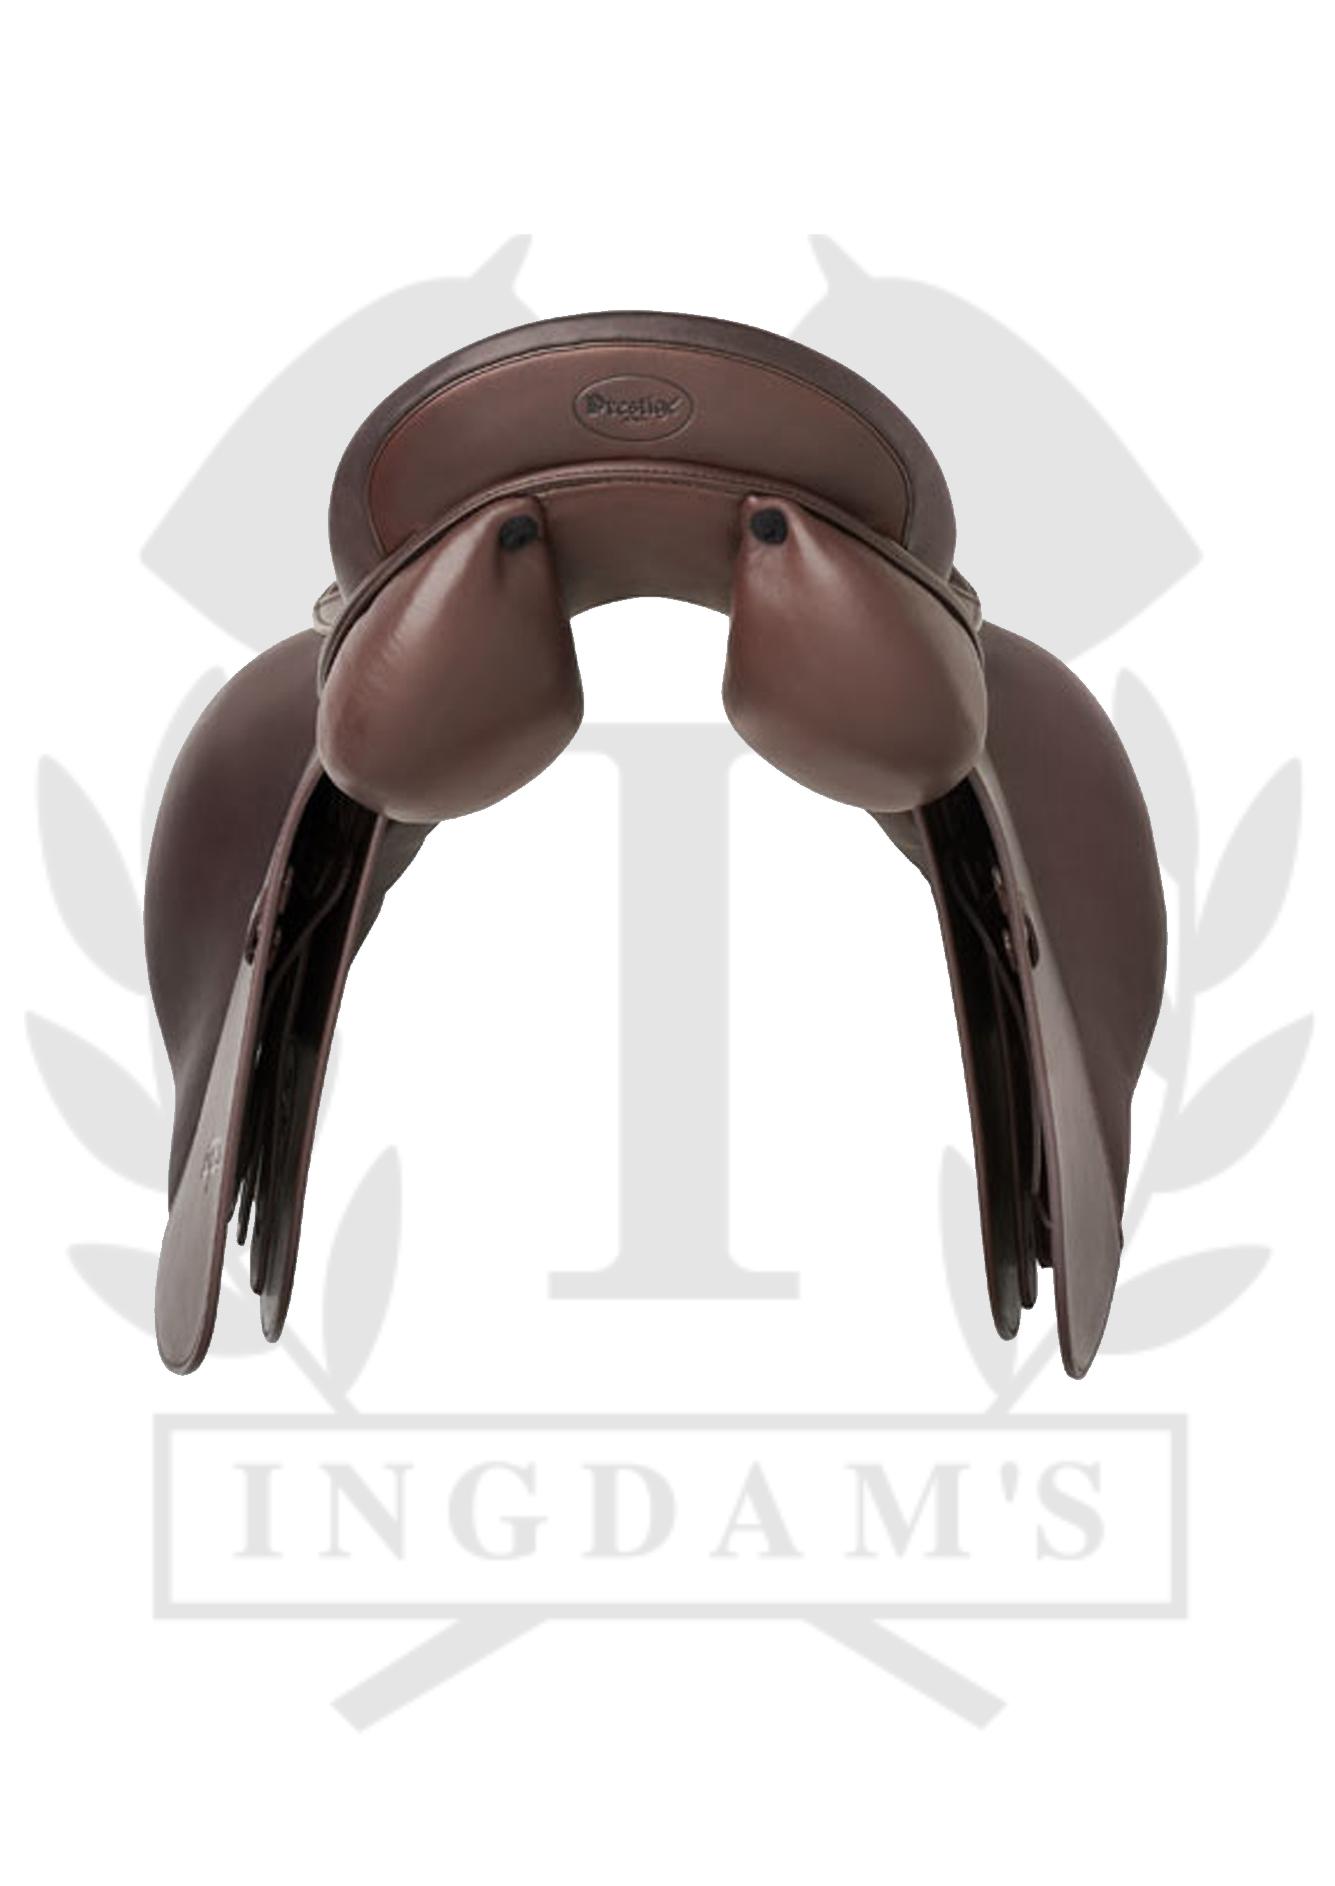 image for ingdams shop